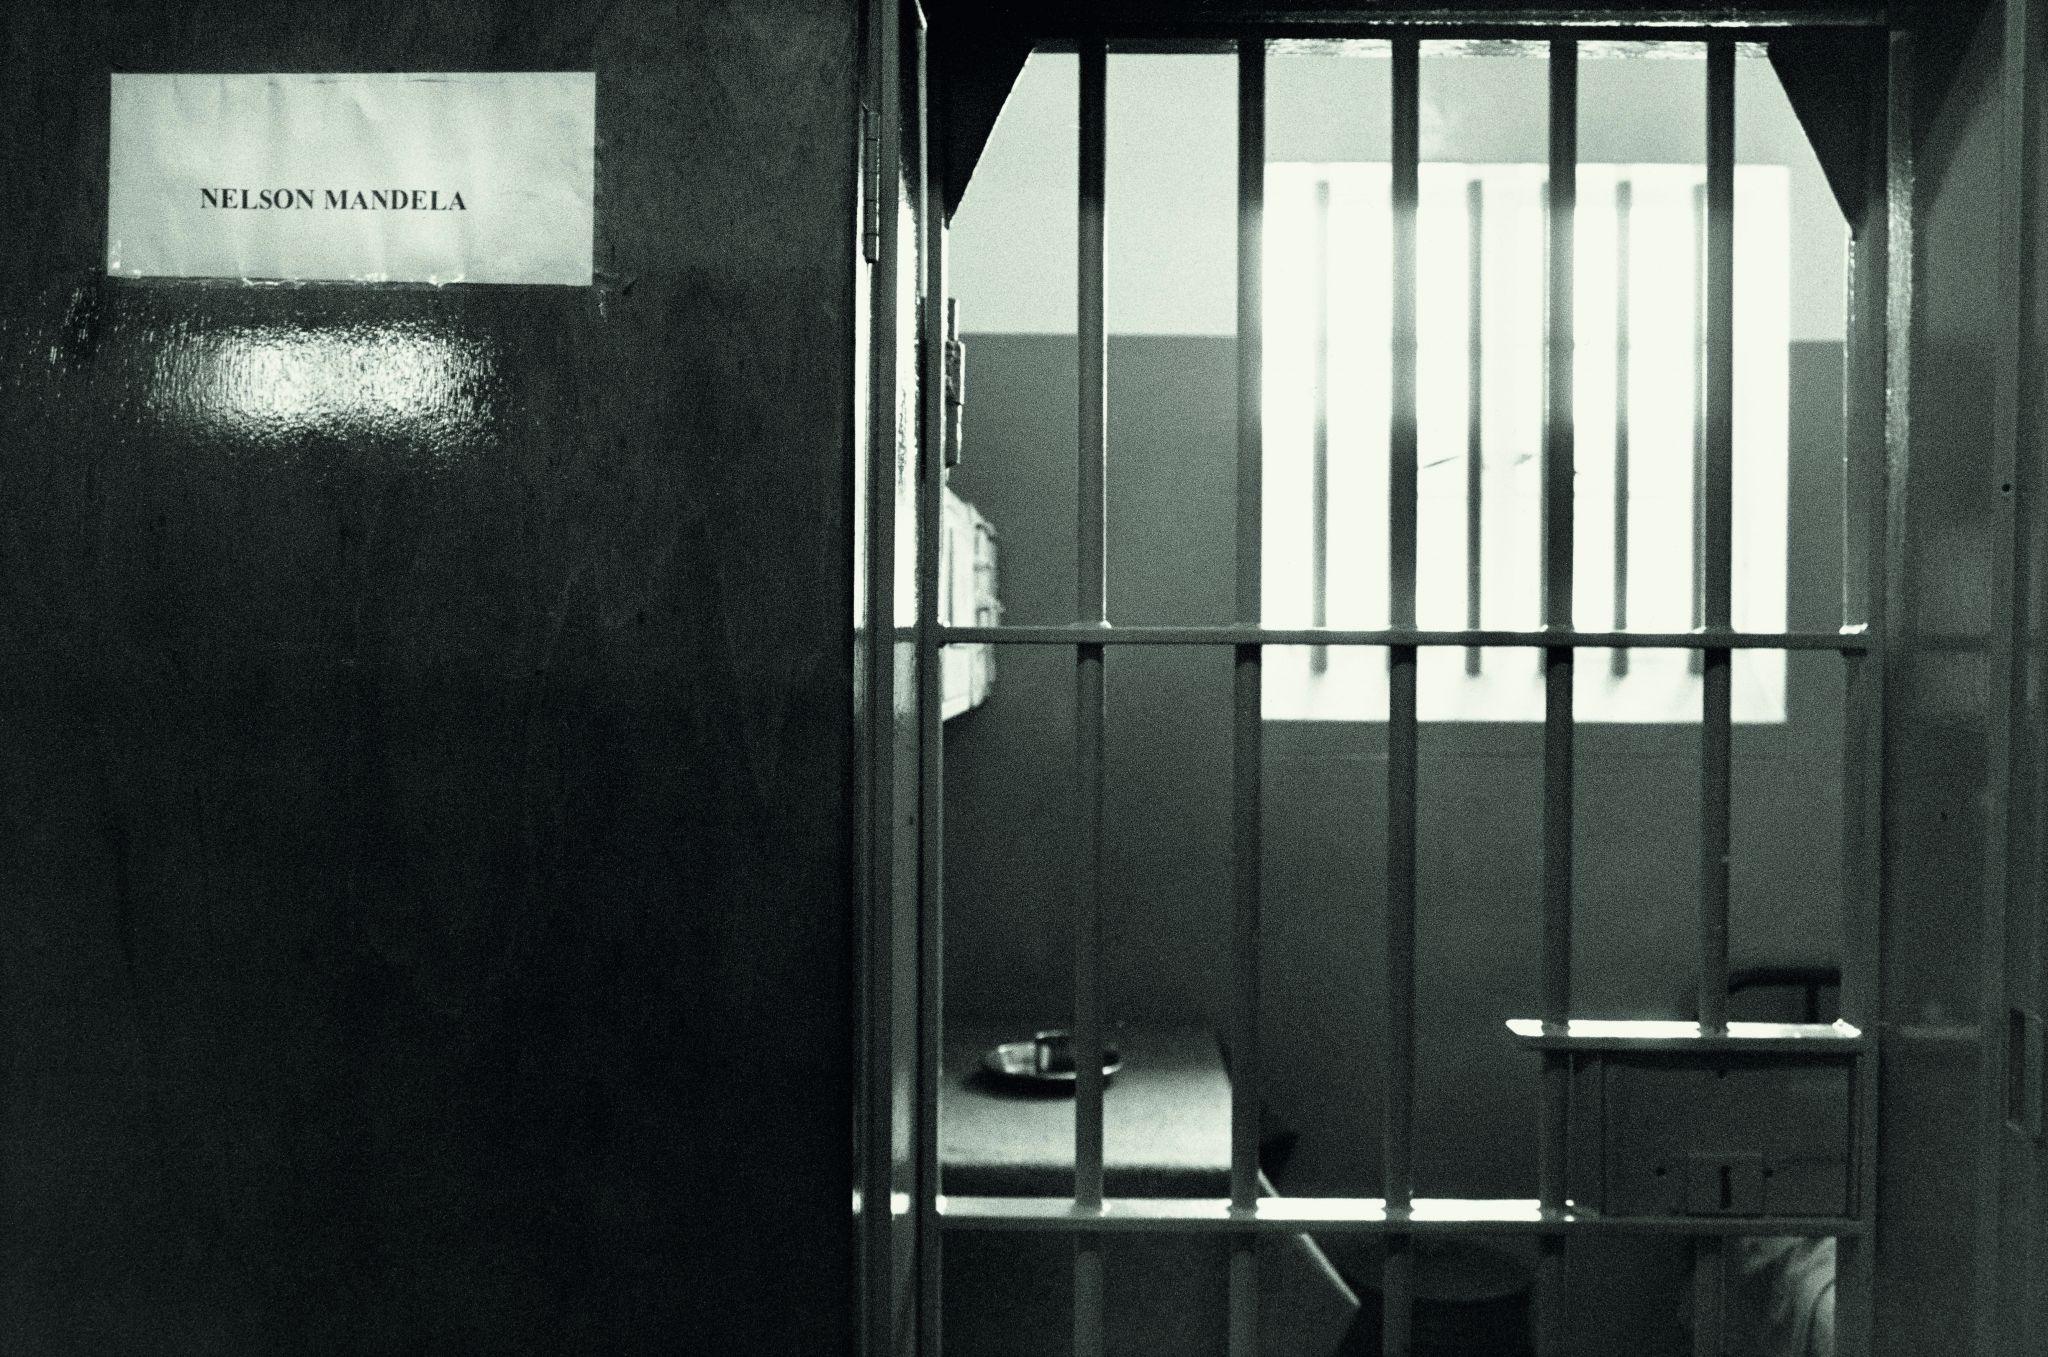 A minúscula cela de Mandela, com meros seis metros quadrados, 1992, Koto Bolofo